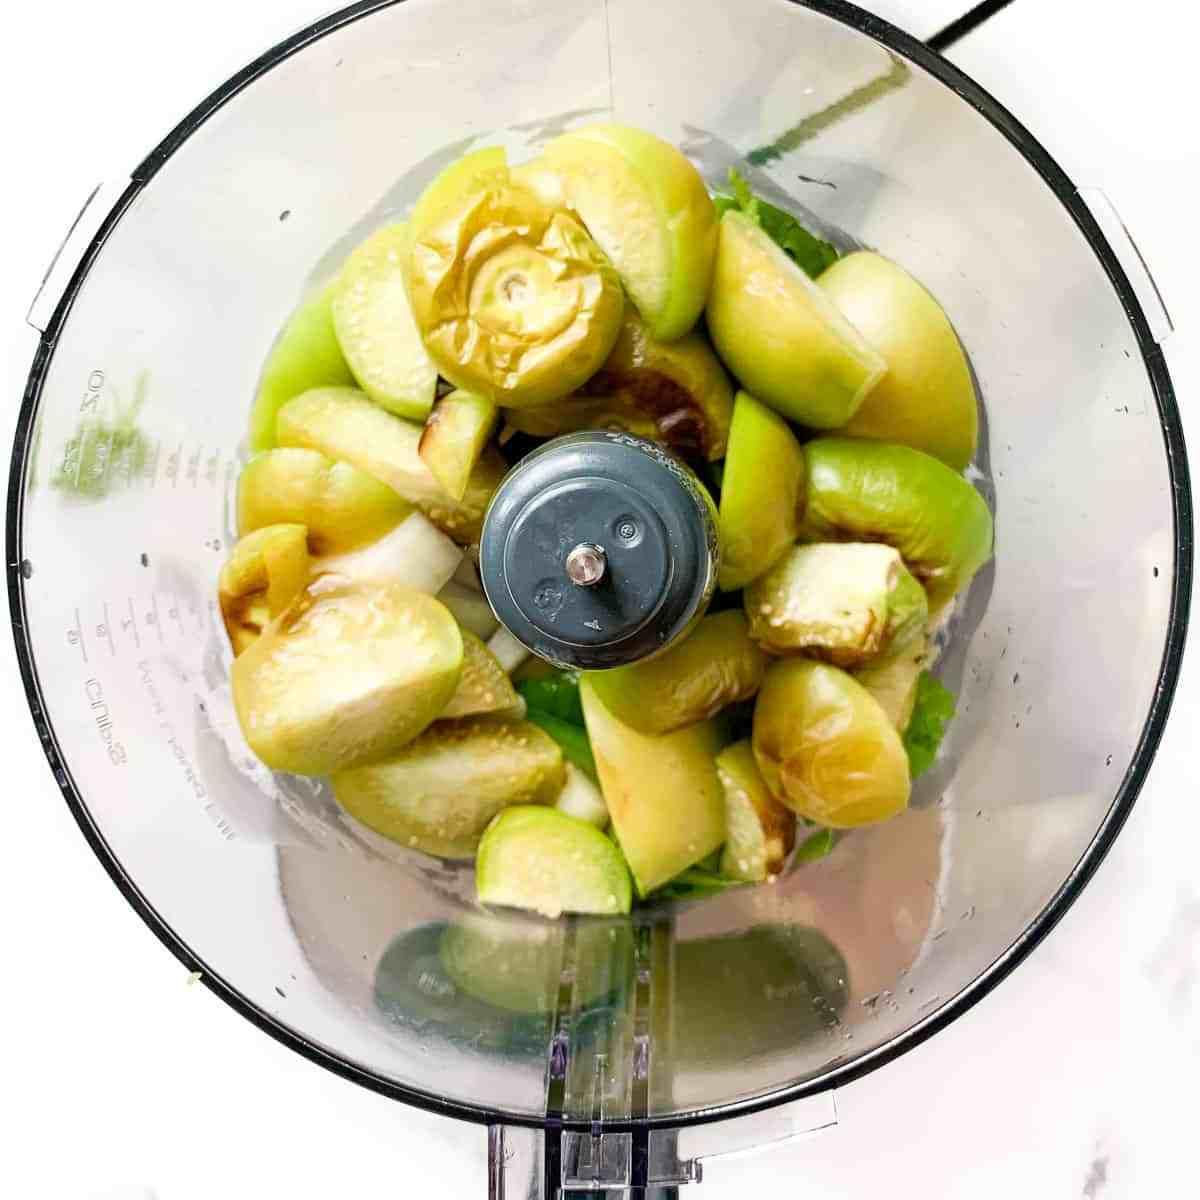 Salsa Verde ingredients in a food processor bowl